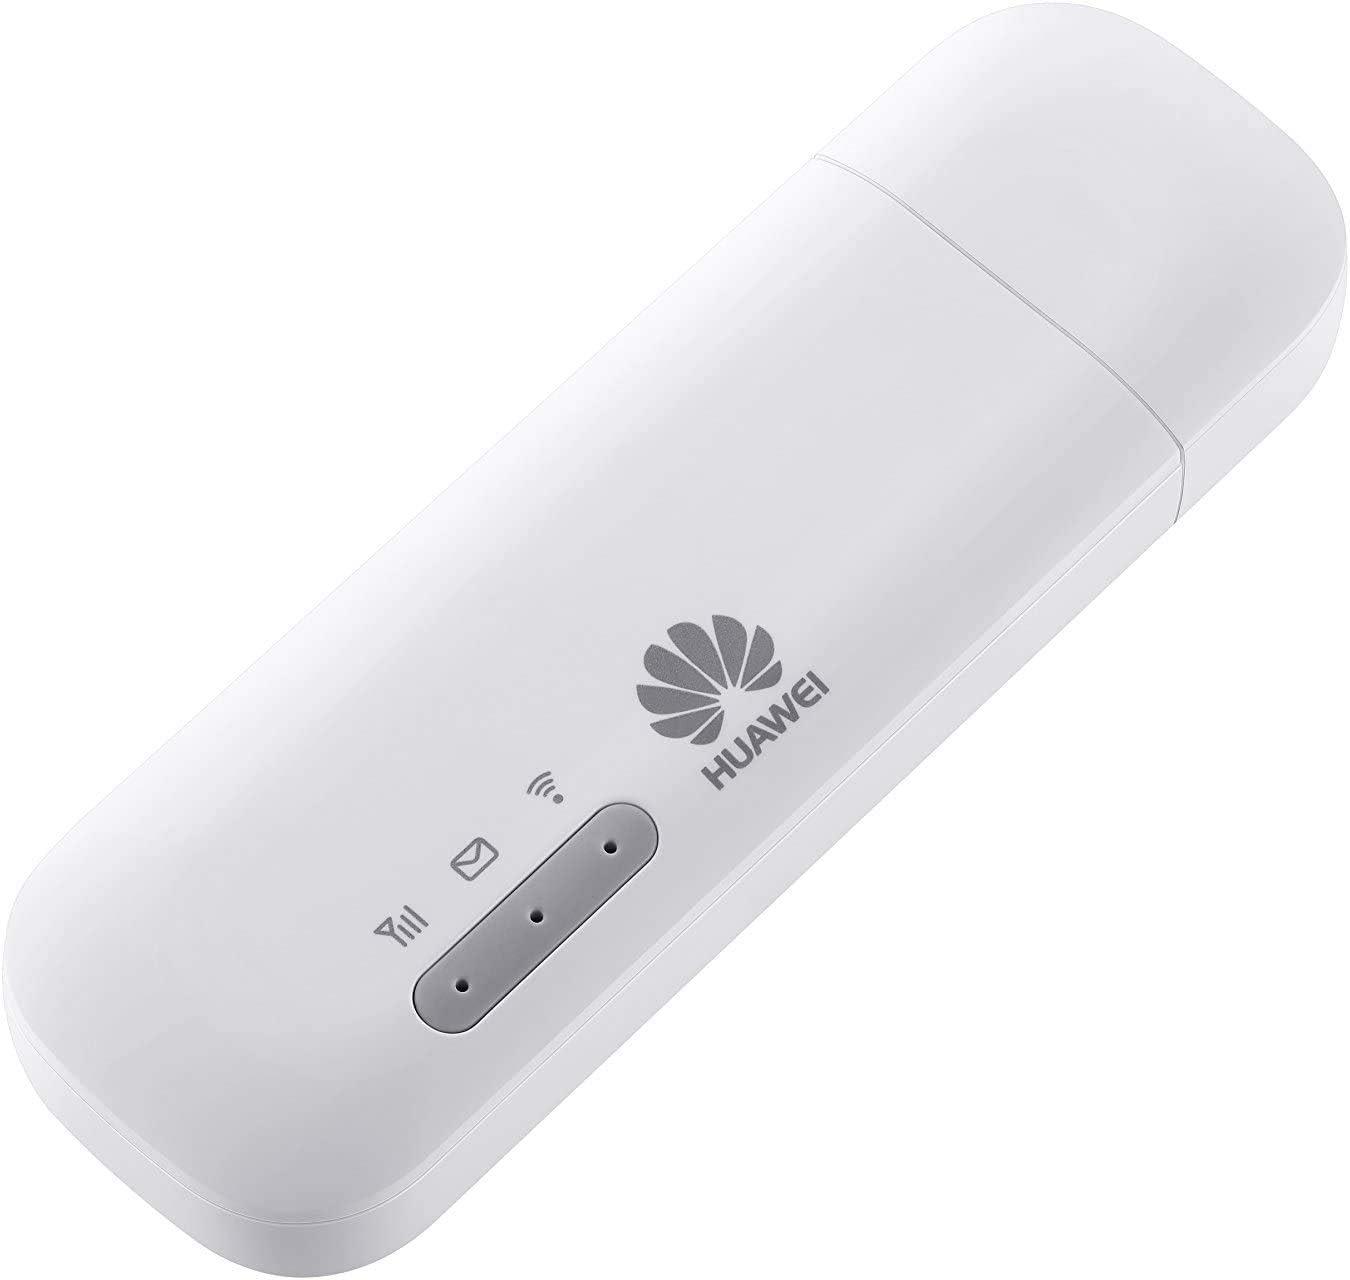 HUAWEI E8372h-320 - Dongle LTE/4G 150 Mb/s USB móvil wifi (Blanco) - Para usar con cualquier tarjeta SIM en todo el mundo. - Conecta hasta 16 ...